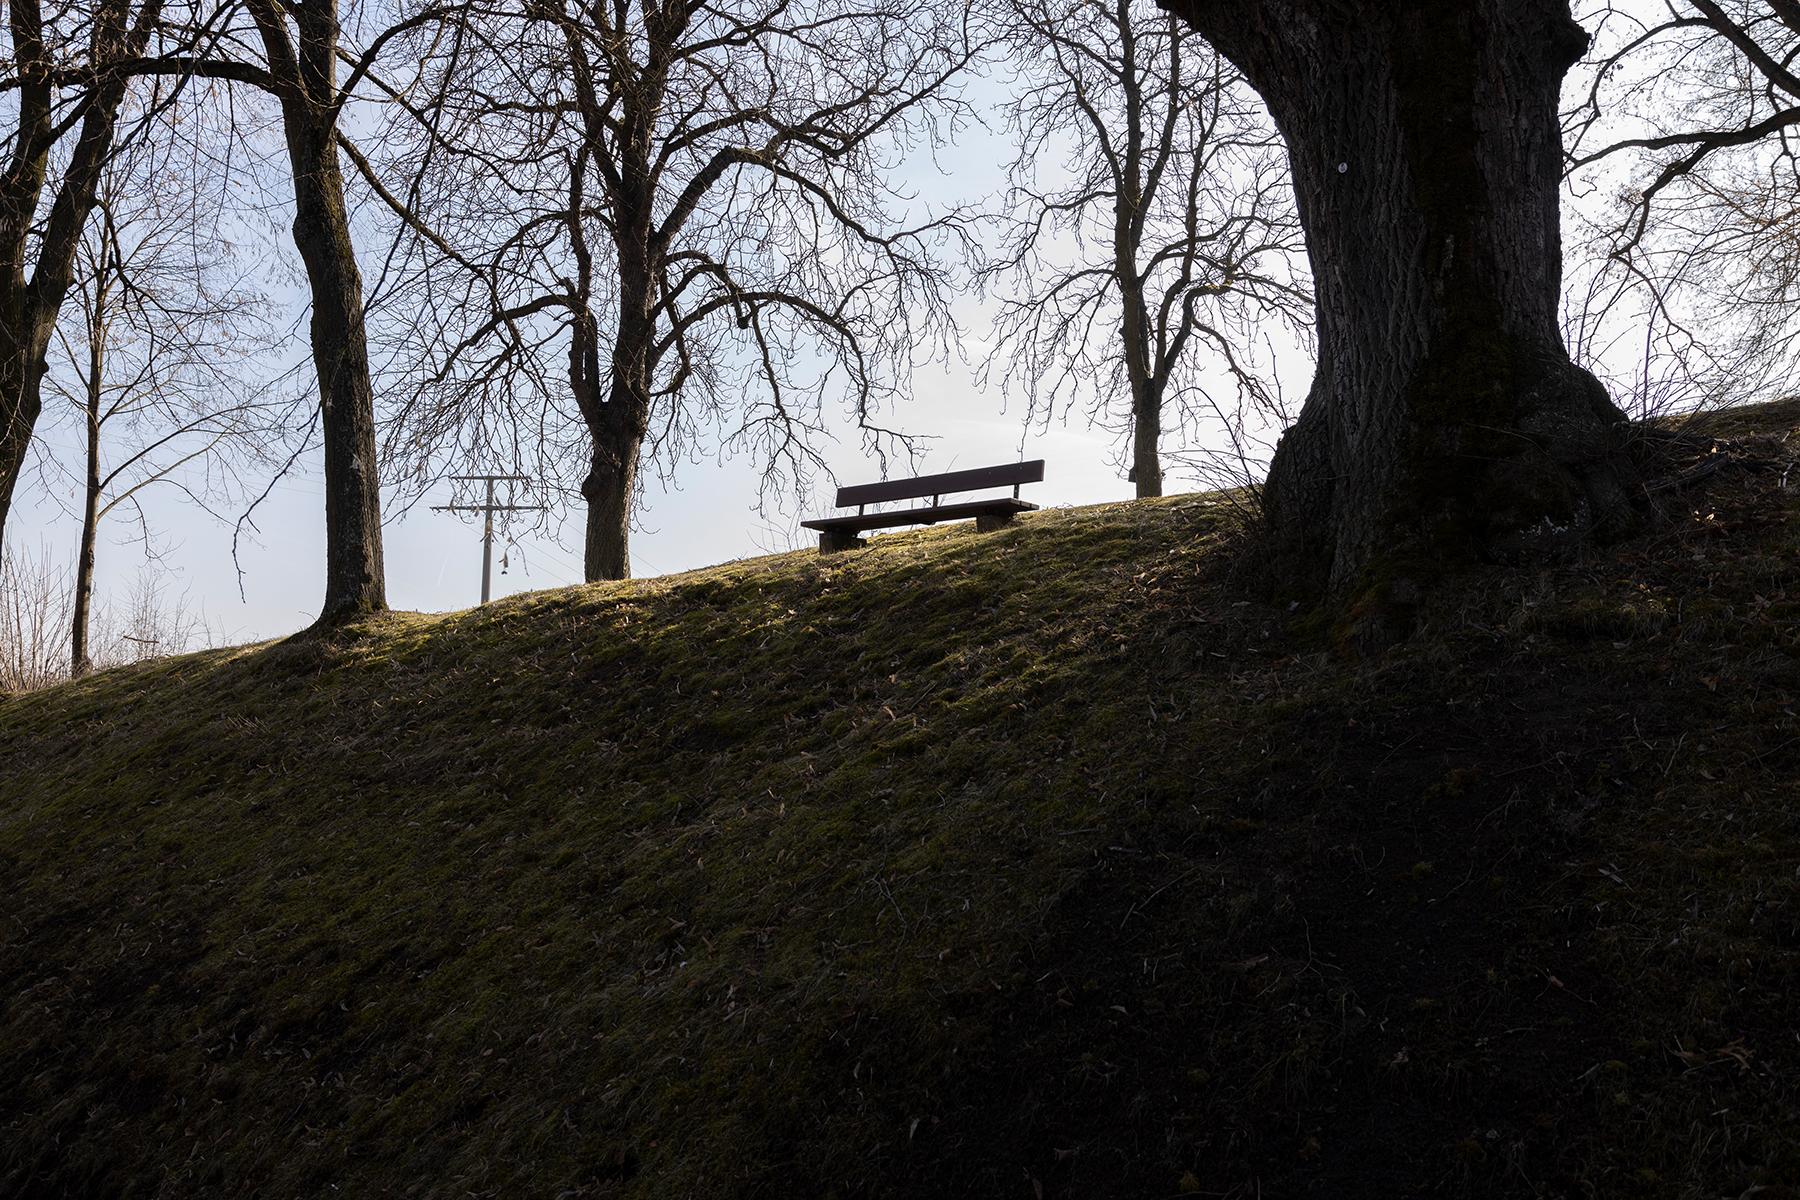 Bank unter Bäumen fotografiert mit Sigma 24-70 mm Arts